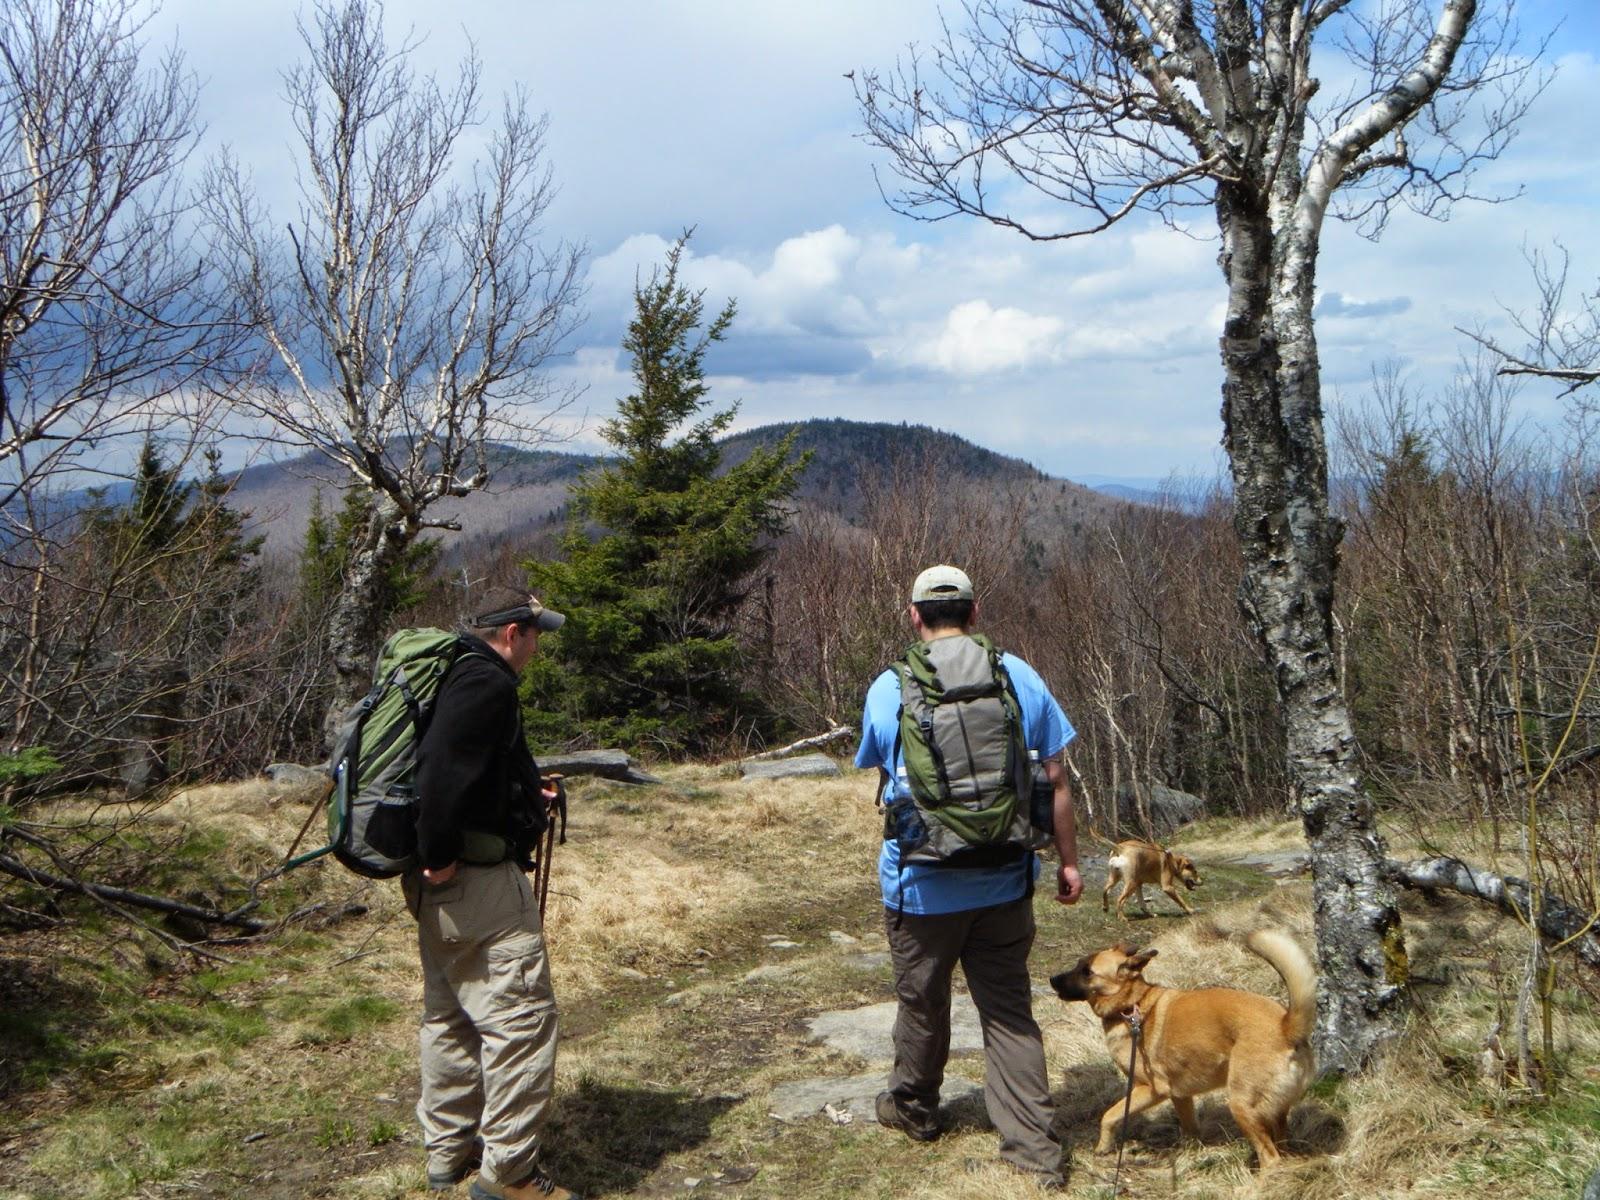 Catskills mountain teen survival story